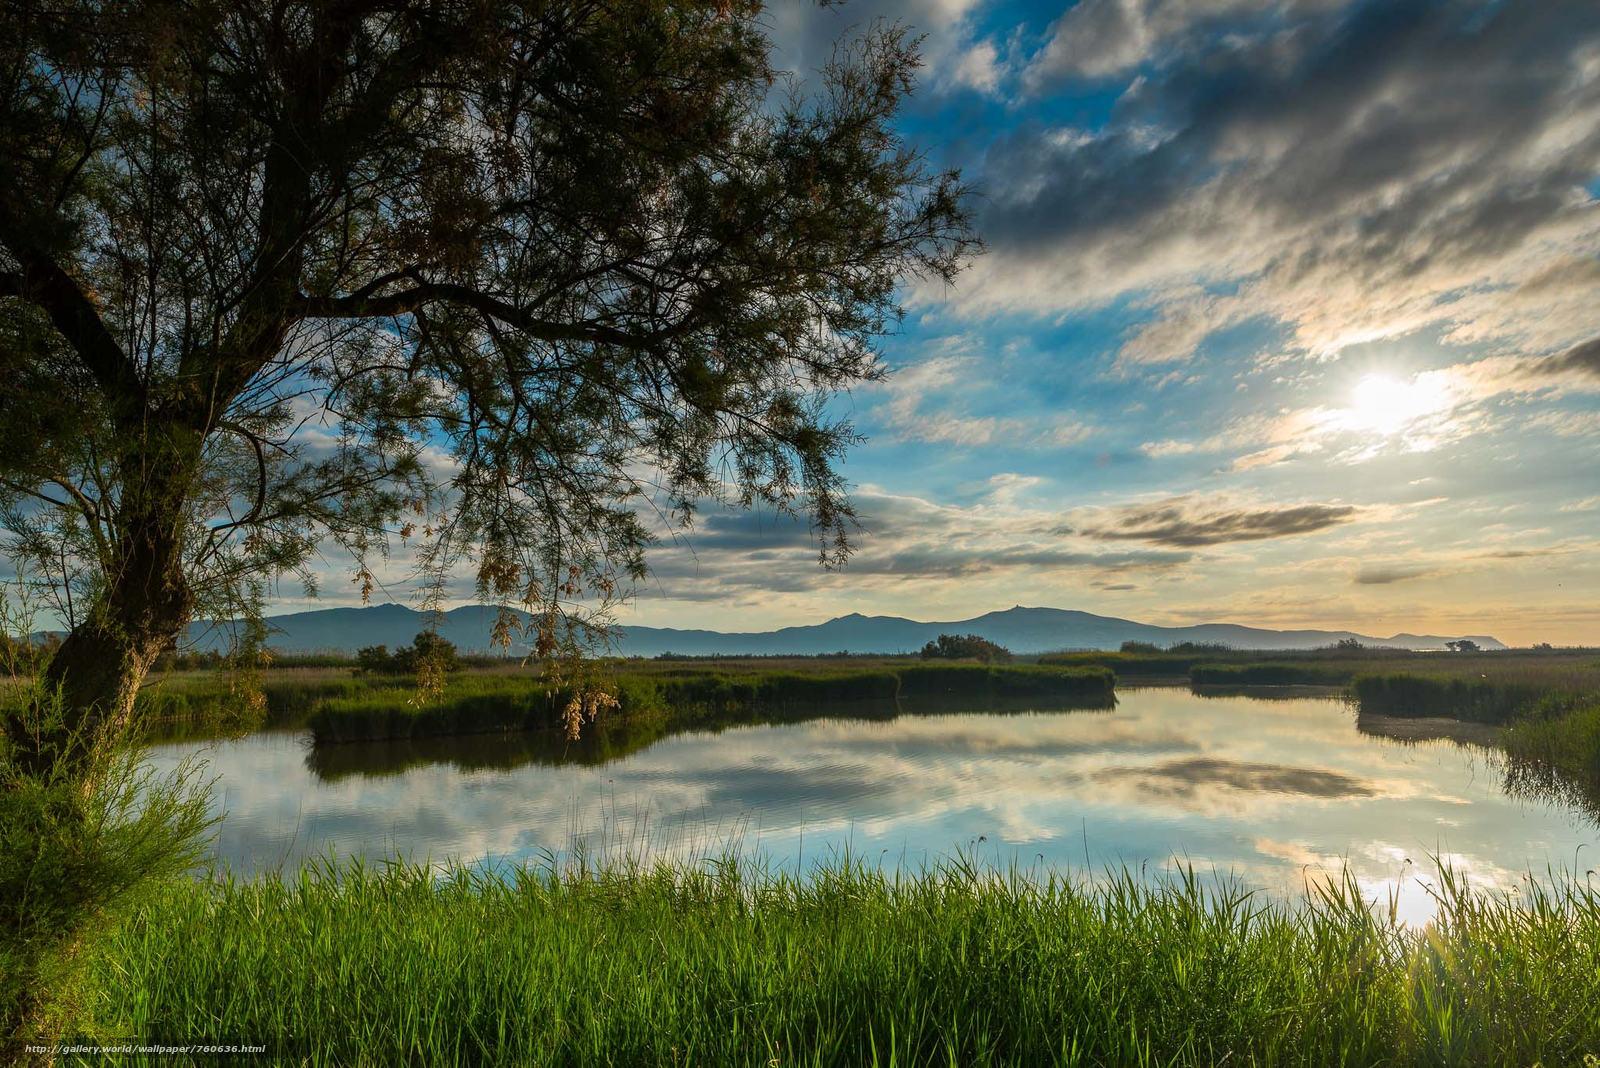 sunset, River, tree, landscape